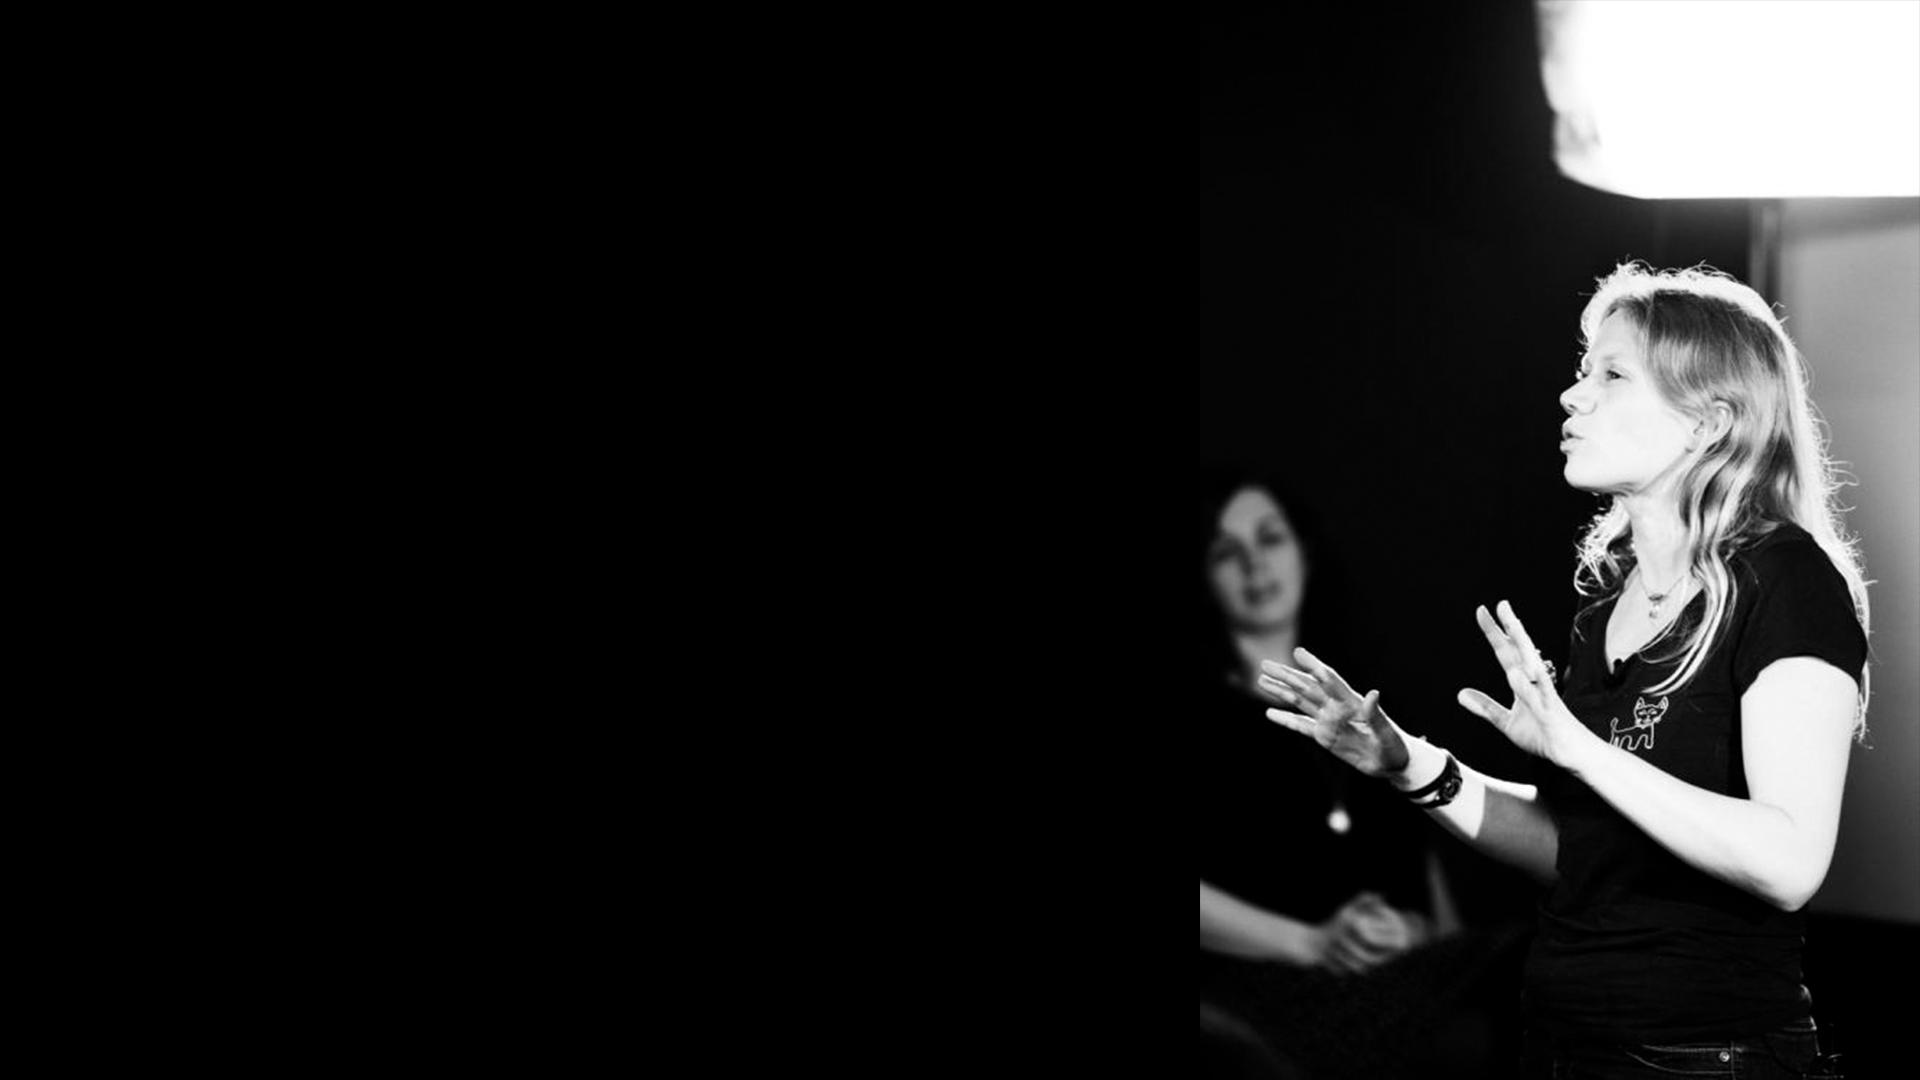 Lucie Borleteau - Atelier de rencontre #12